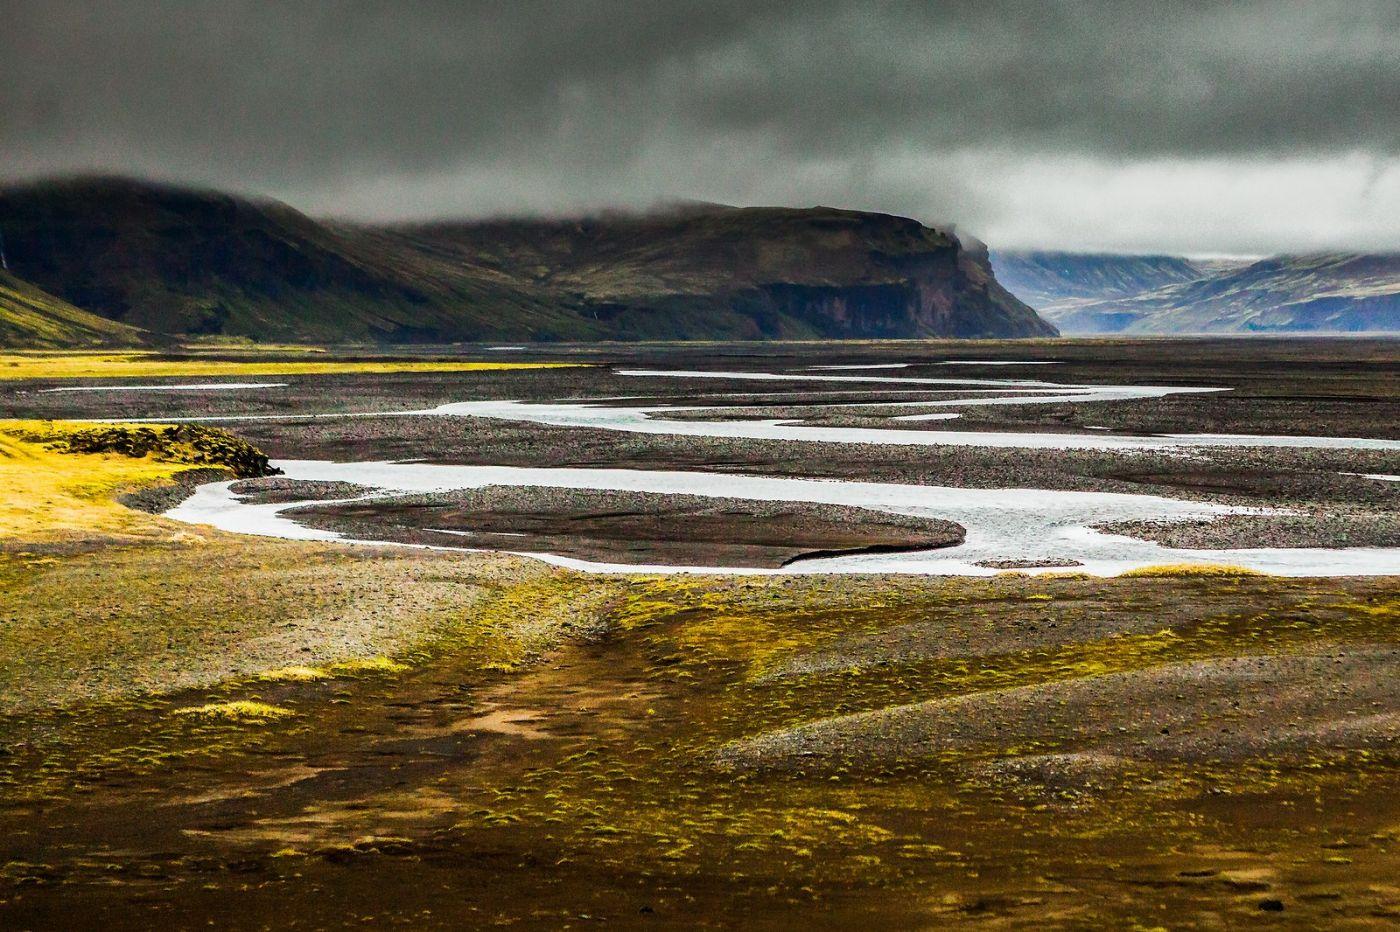 冰岛风采,那一片水景_图1-24